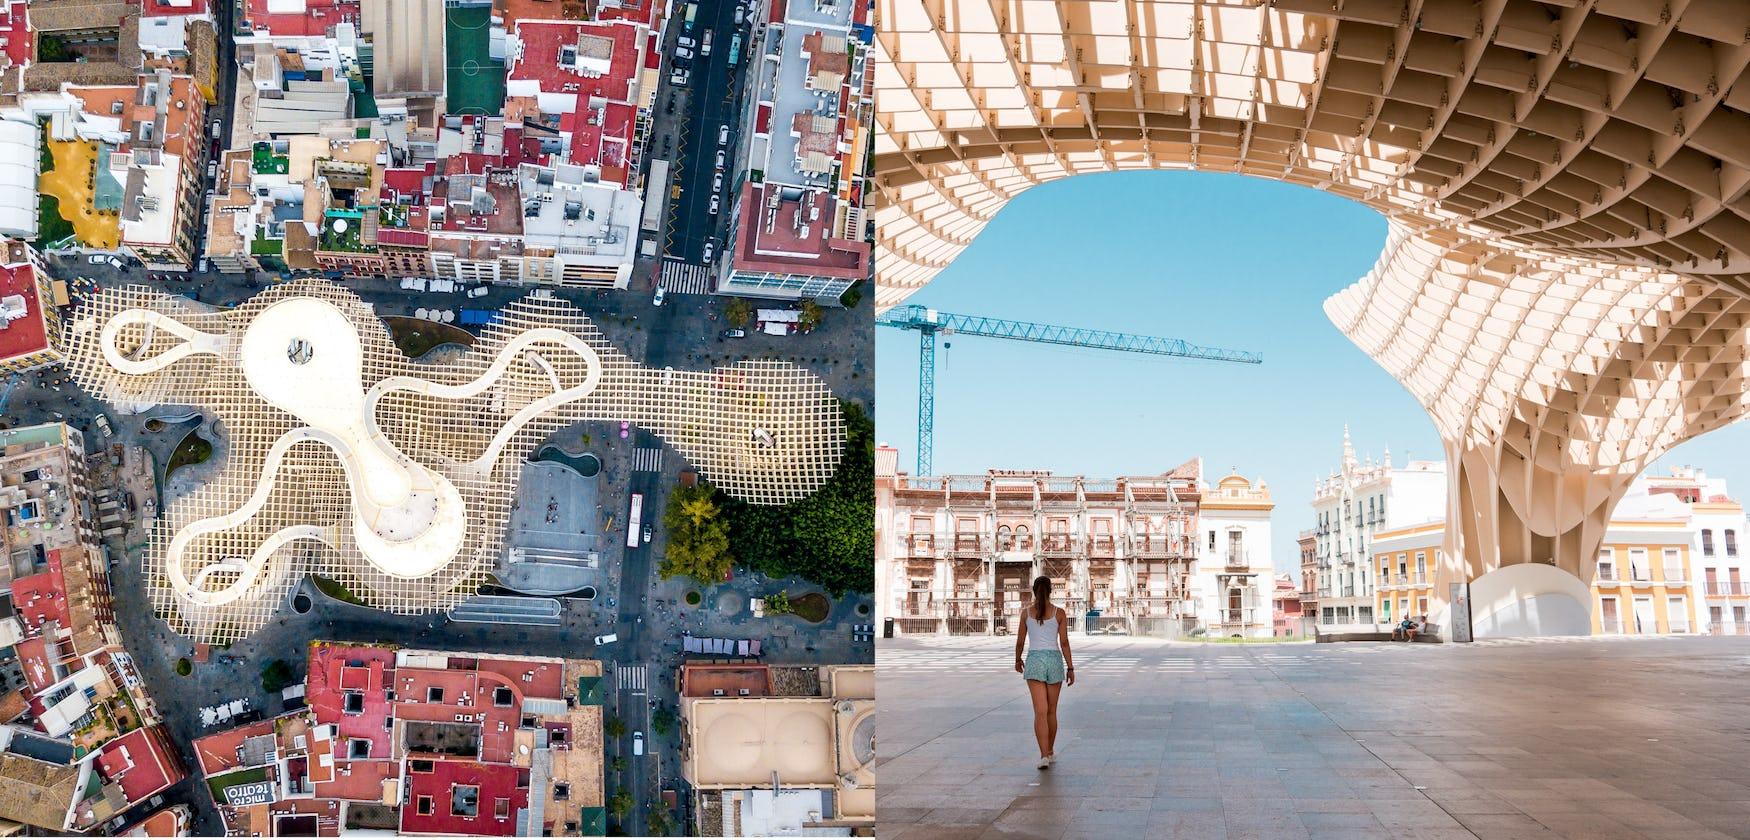 The Metropol Parasol, Seville, Spain